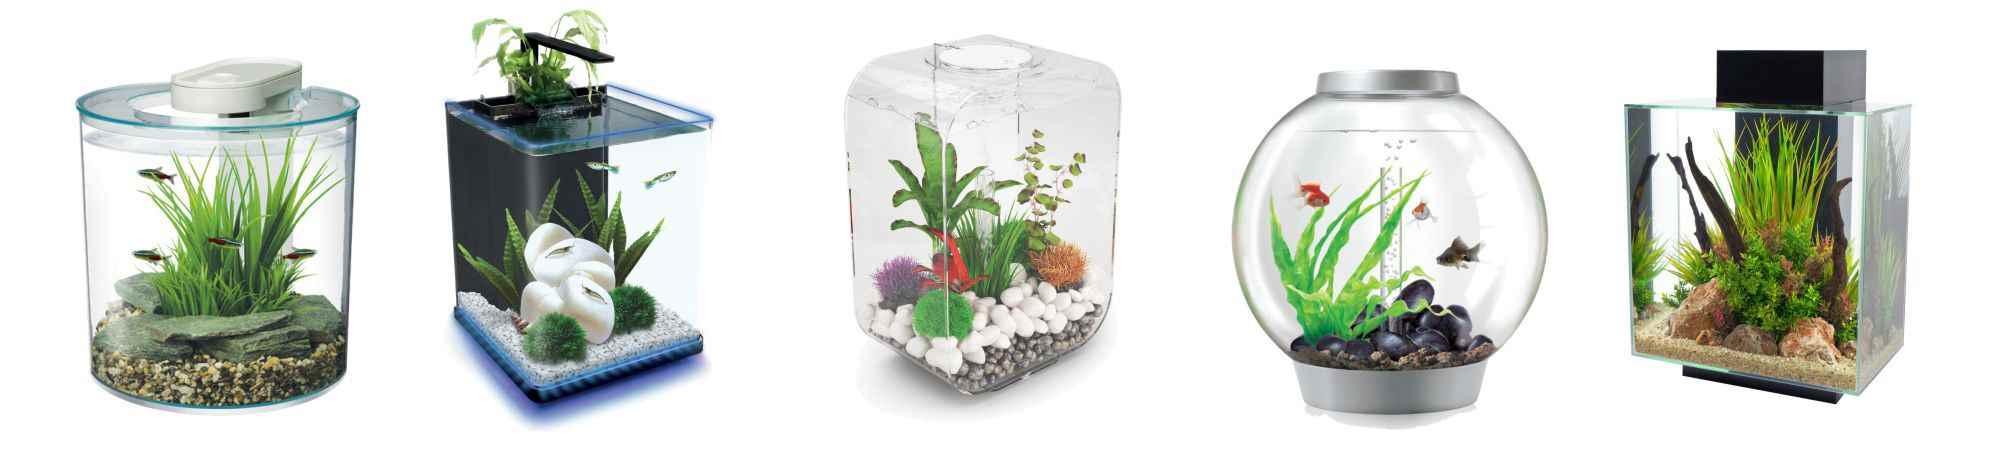 small-aquariums.jpg